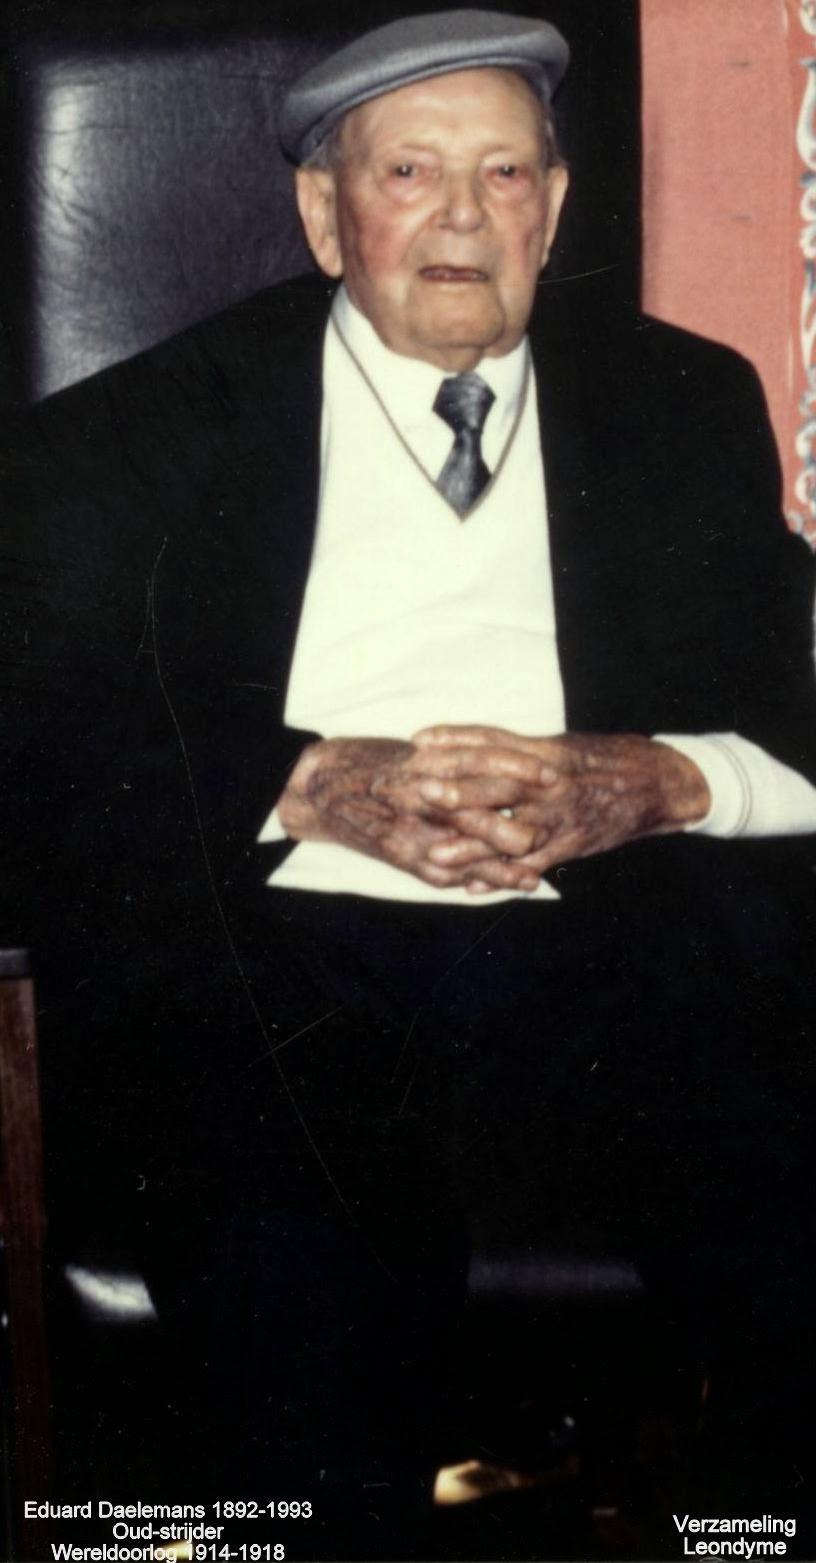 Voormalige oud-strijder Eduard Daelemans 1892-1993. Verzameling Leondyme.